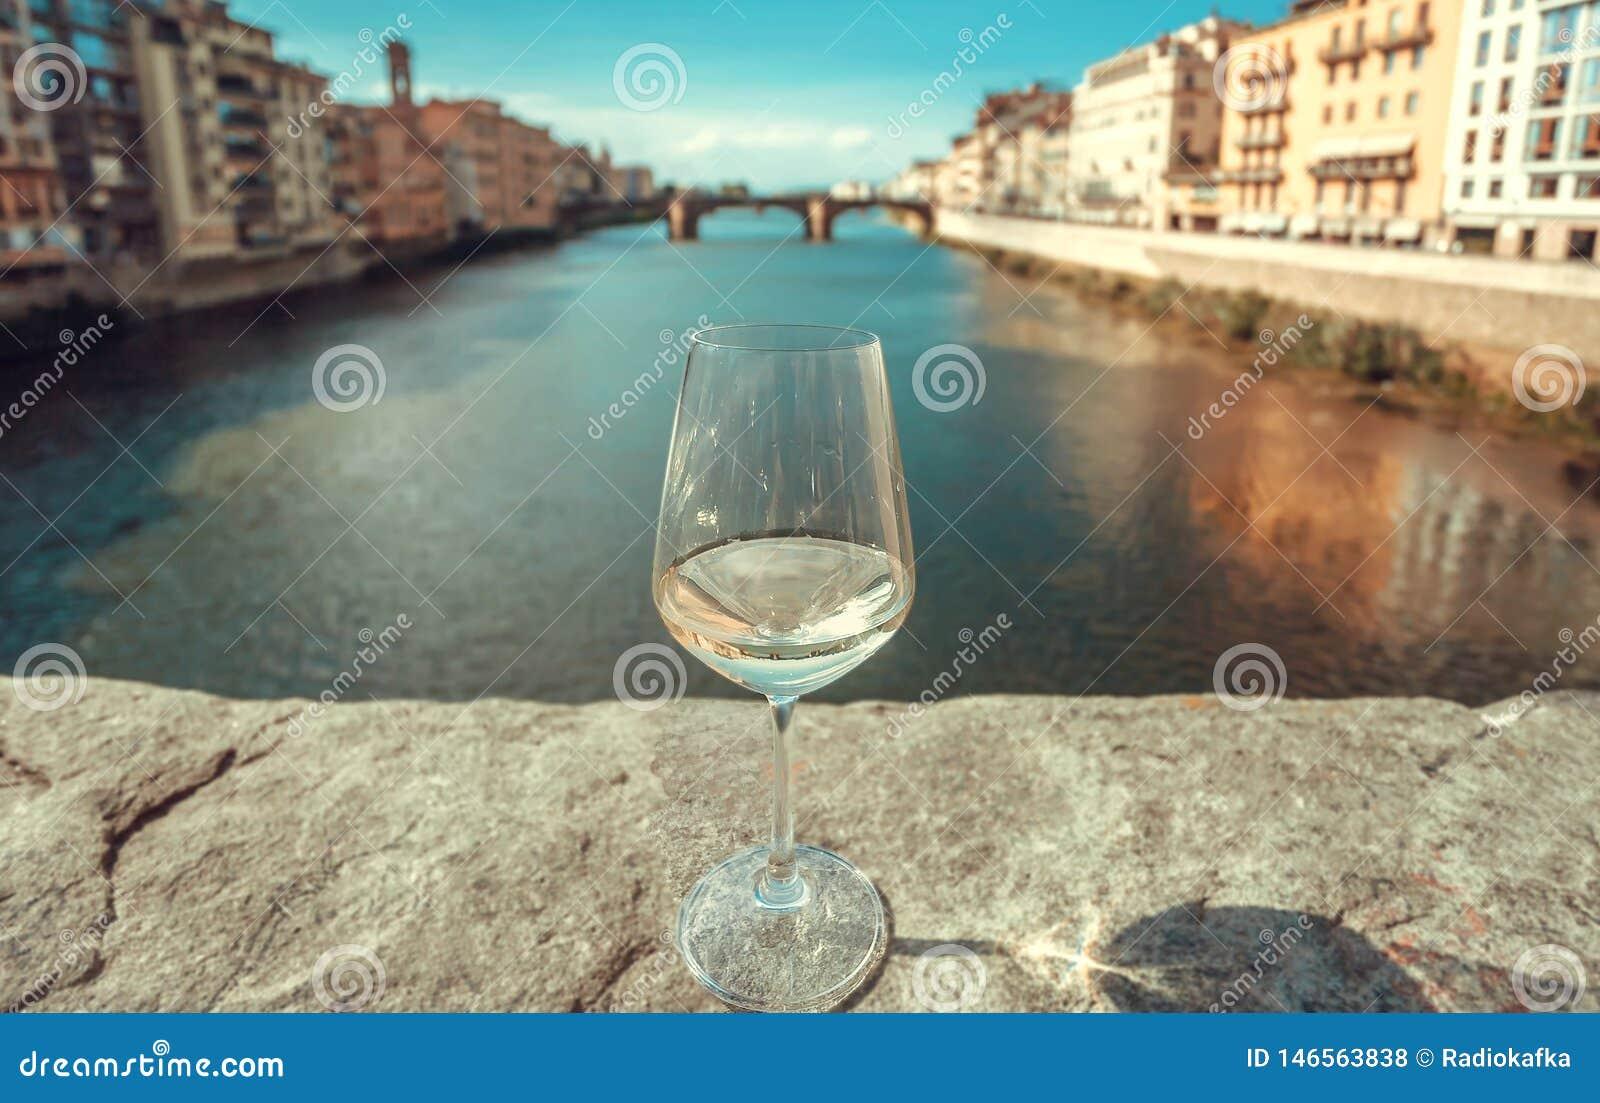 Het reizen rond Italië met wijnglas Oude gebouwen van Florence met rivier en cityscape in Italië